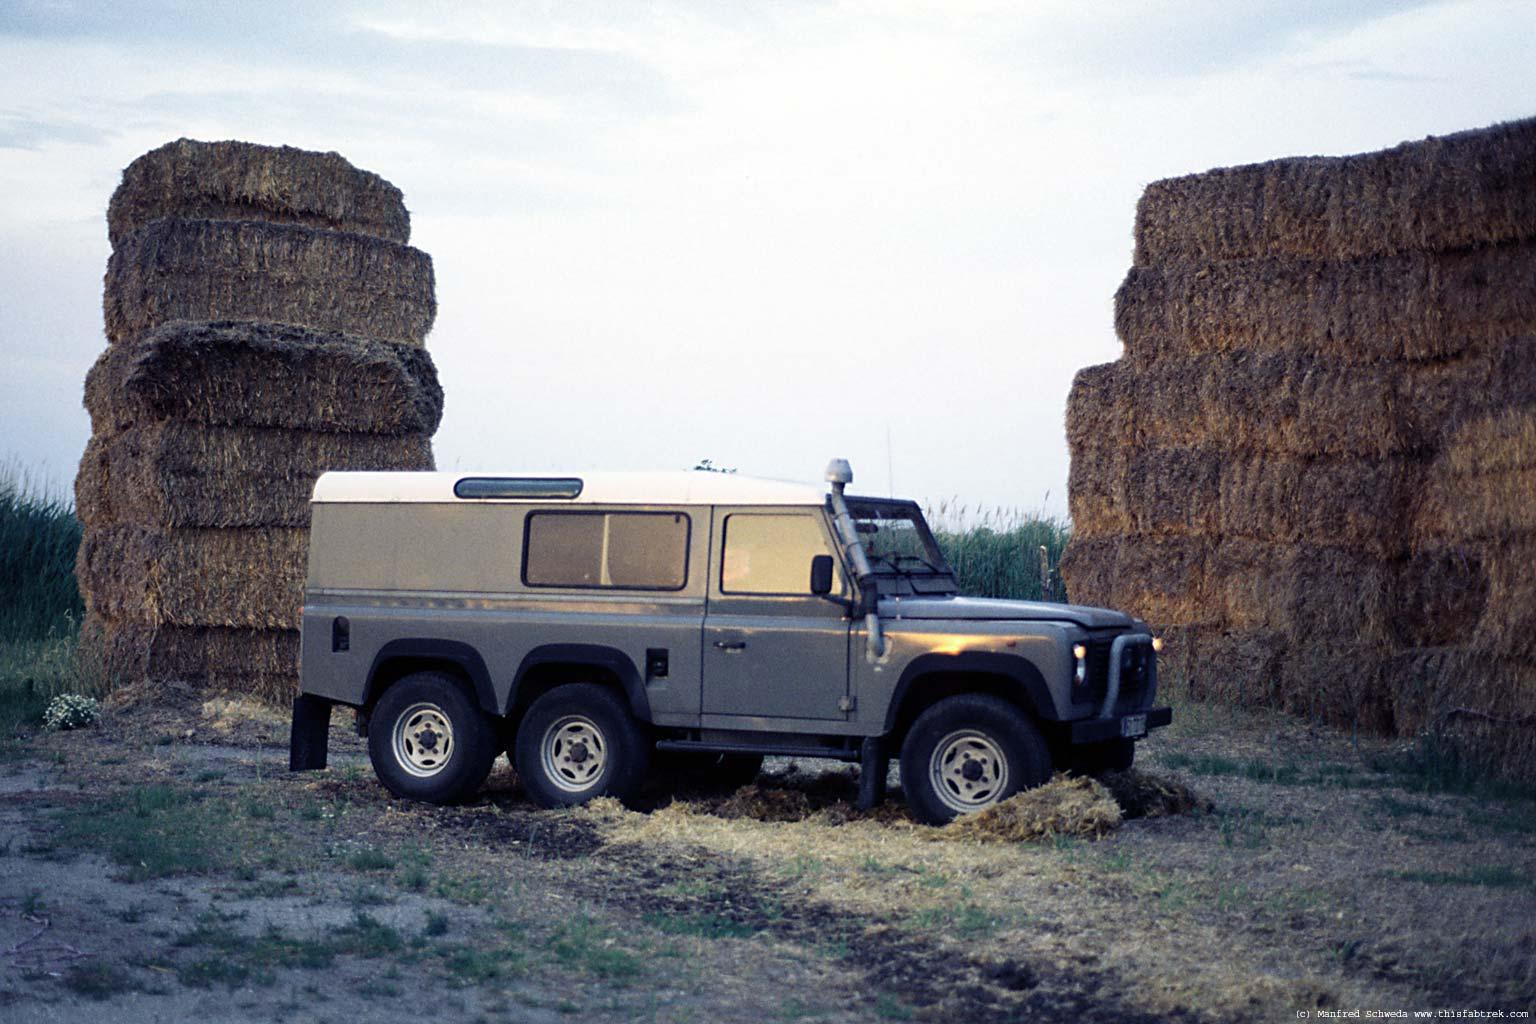 land rover defender 130 2 5 td5 122 hp. Black Bedroom Furniture Sets. Home Design Ideas